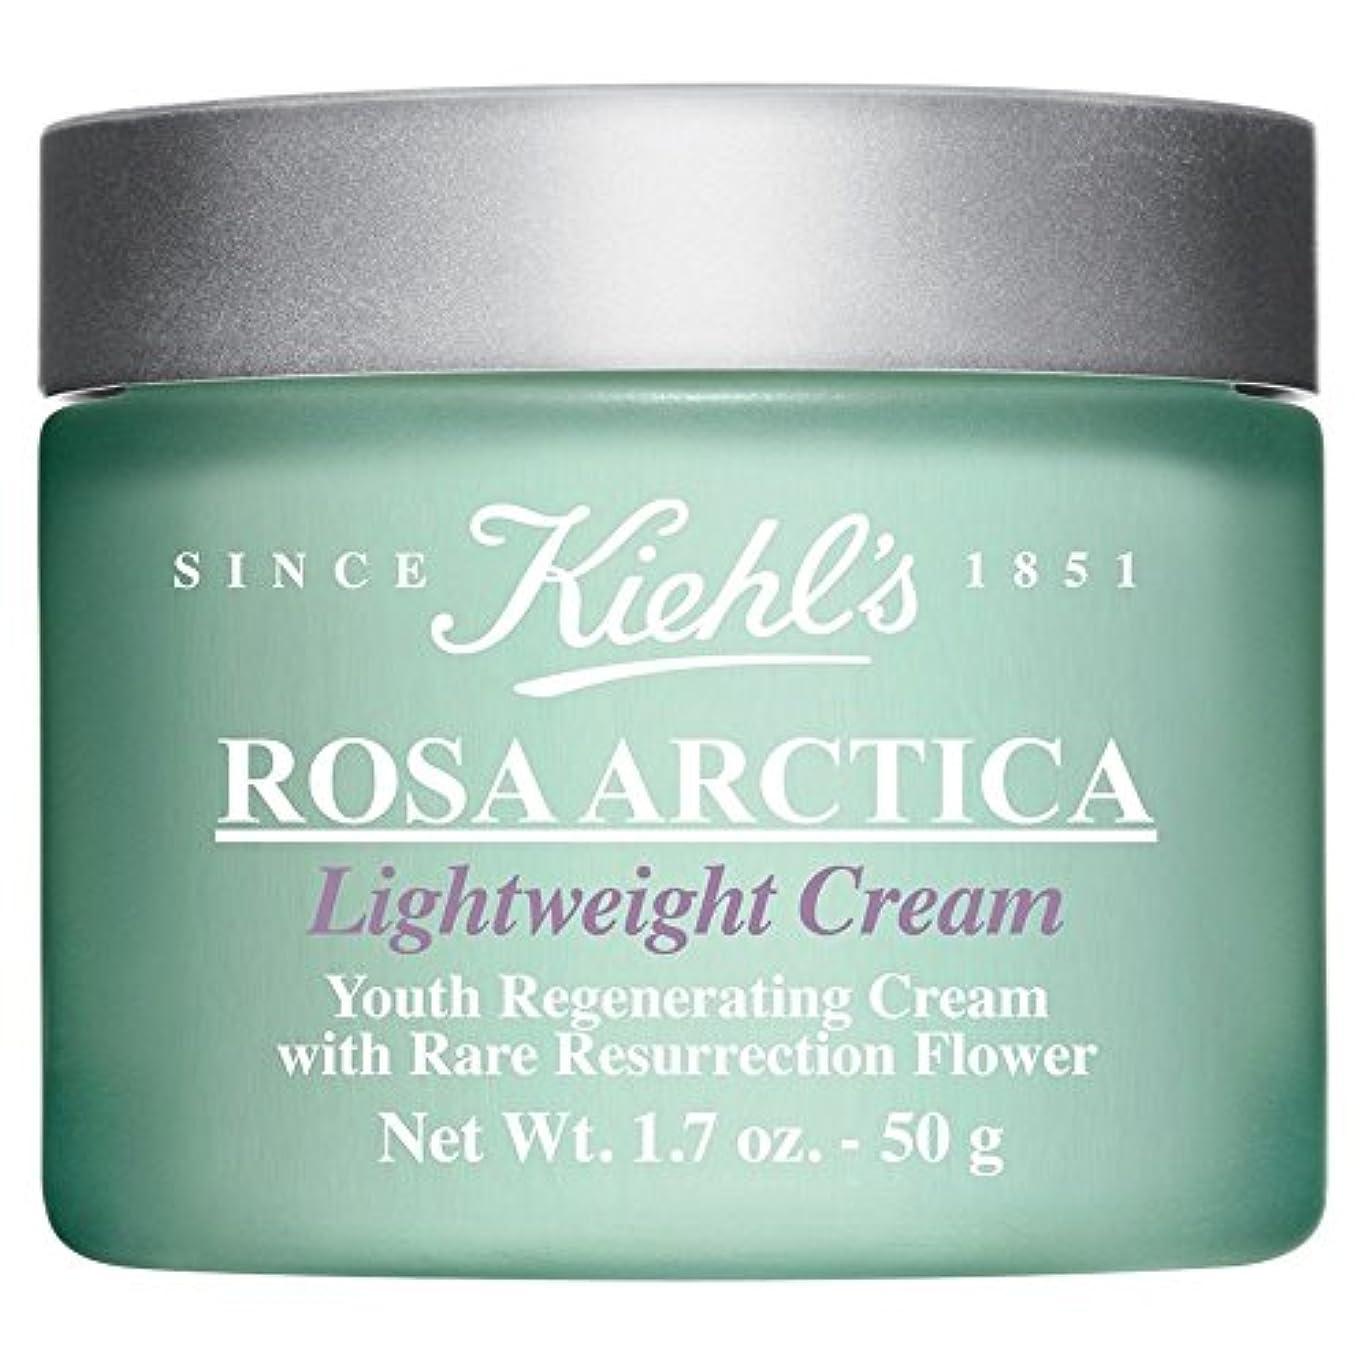 ジャグリング雑品学者[Kiehl's] キールズローザアークティカ軽量クリーム、50グラム - Kiehl's Rosa Arctica Lightweight Cream, 50g [並行輸入品]